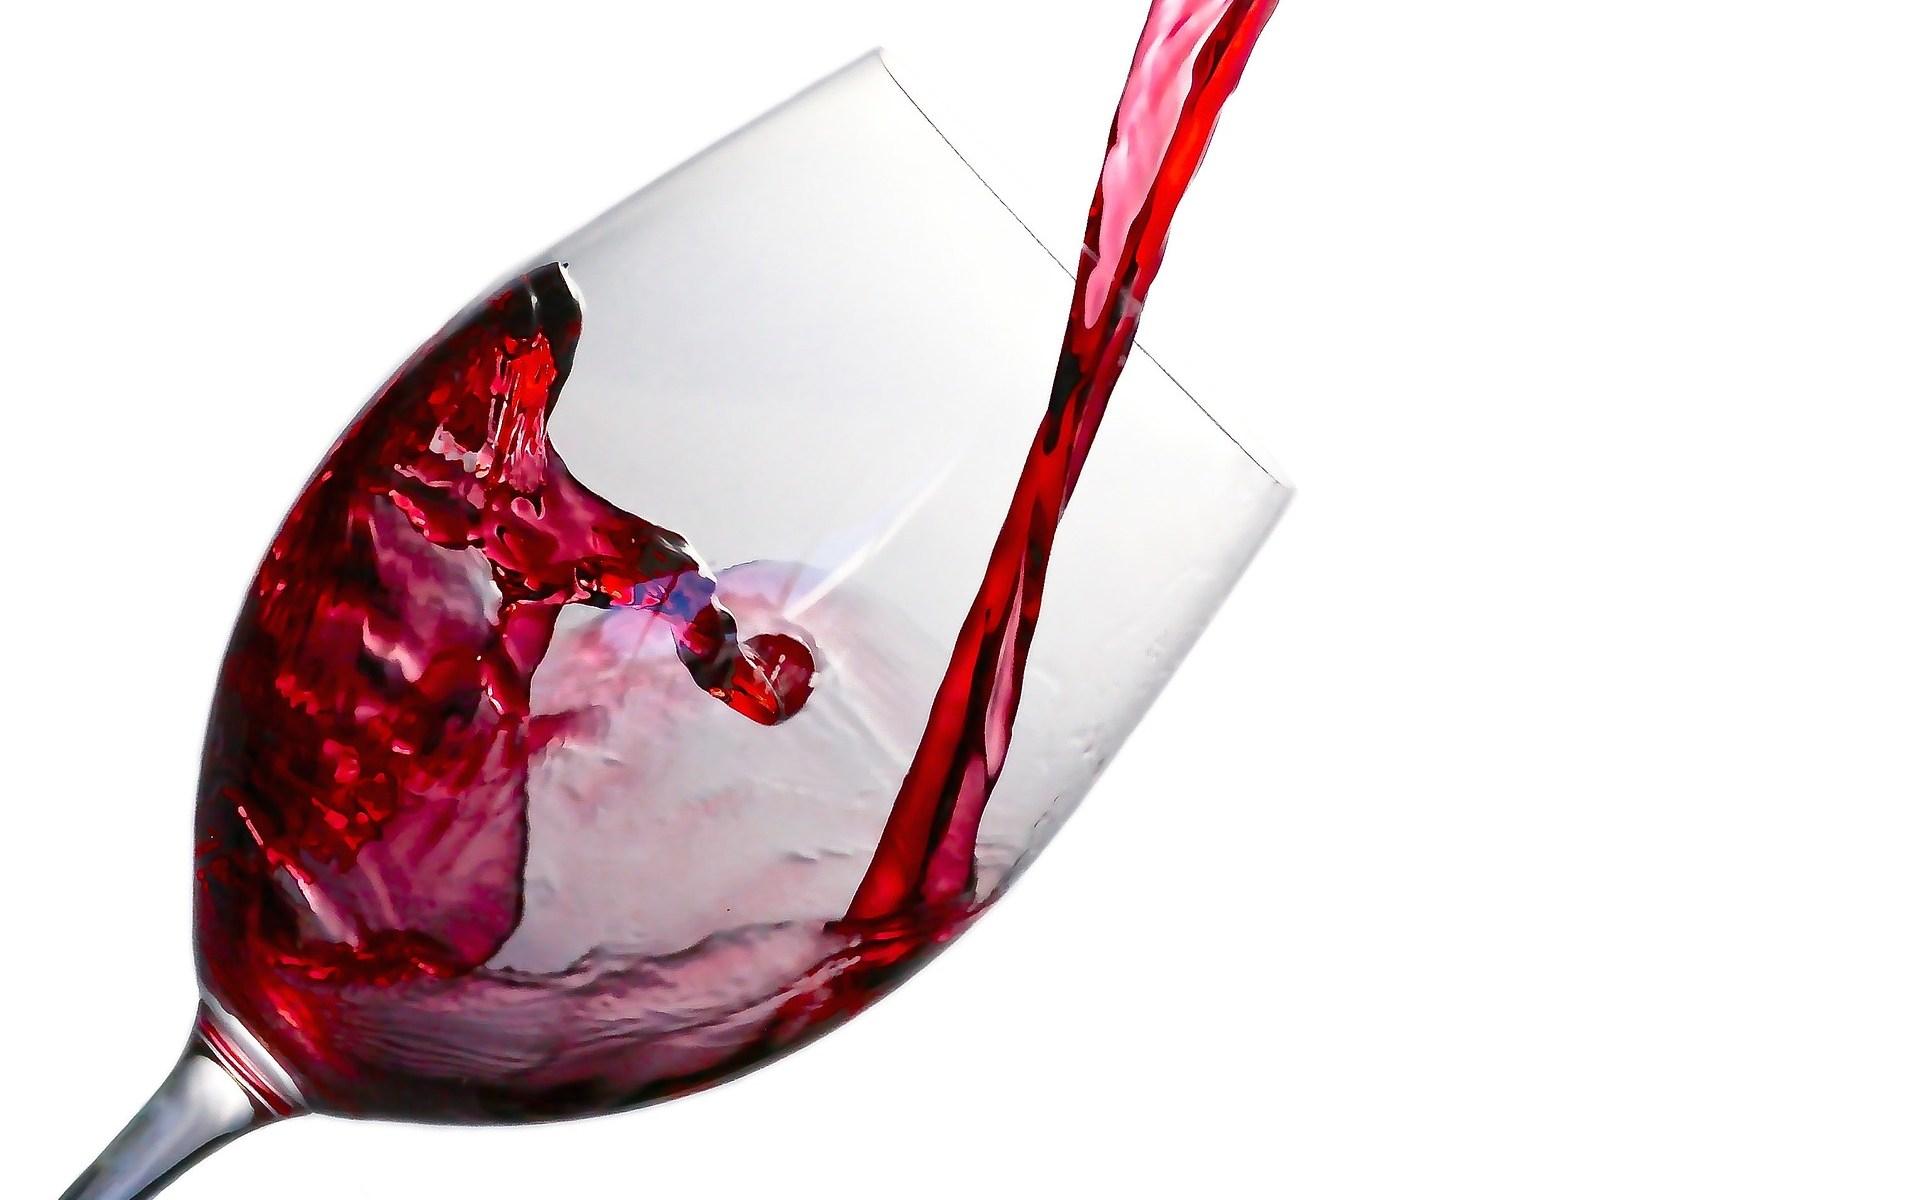 Rode wijn in wijnglas geschonken